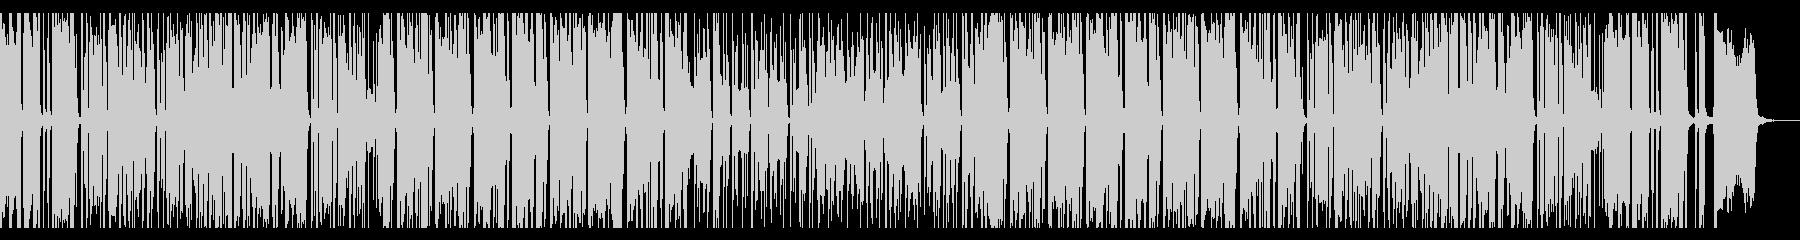 トロピカルムードなブラス活躍のレゲエ曲の未再生の波形